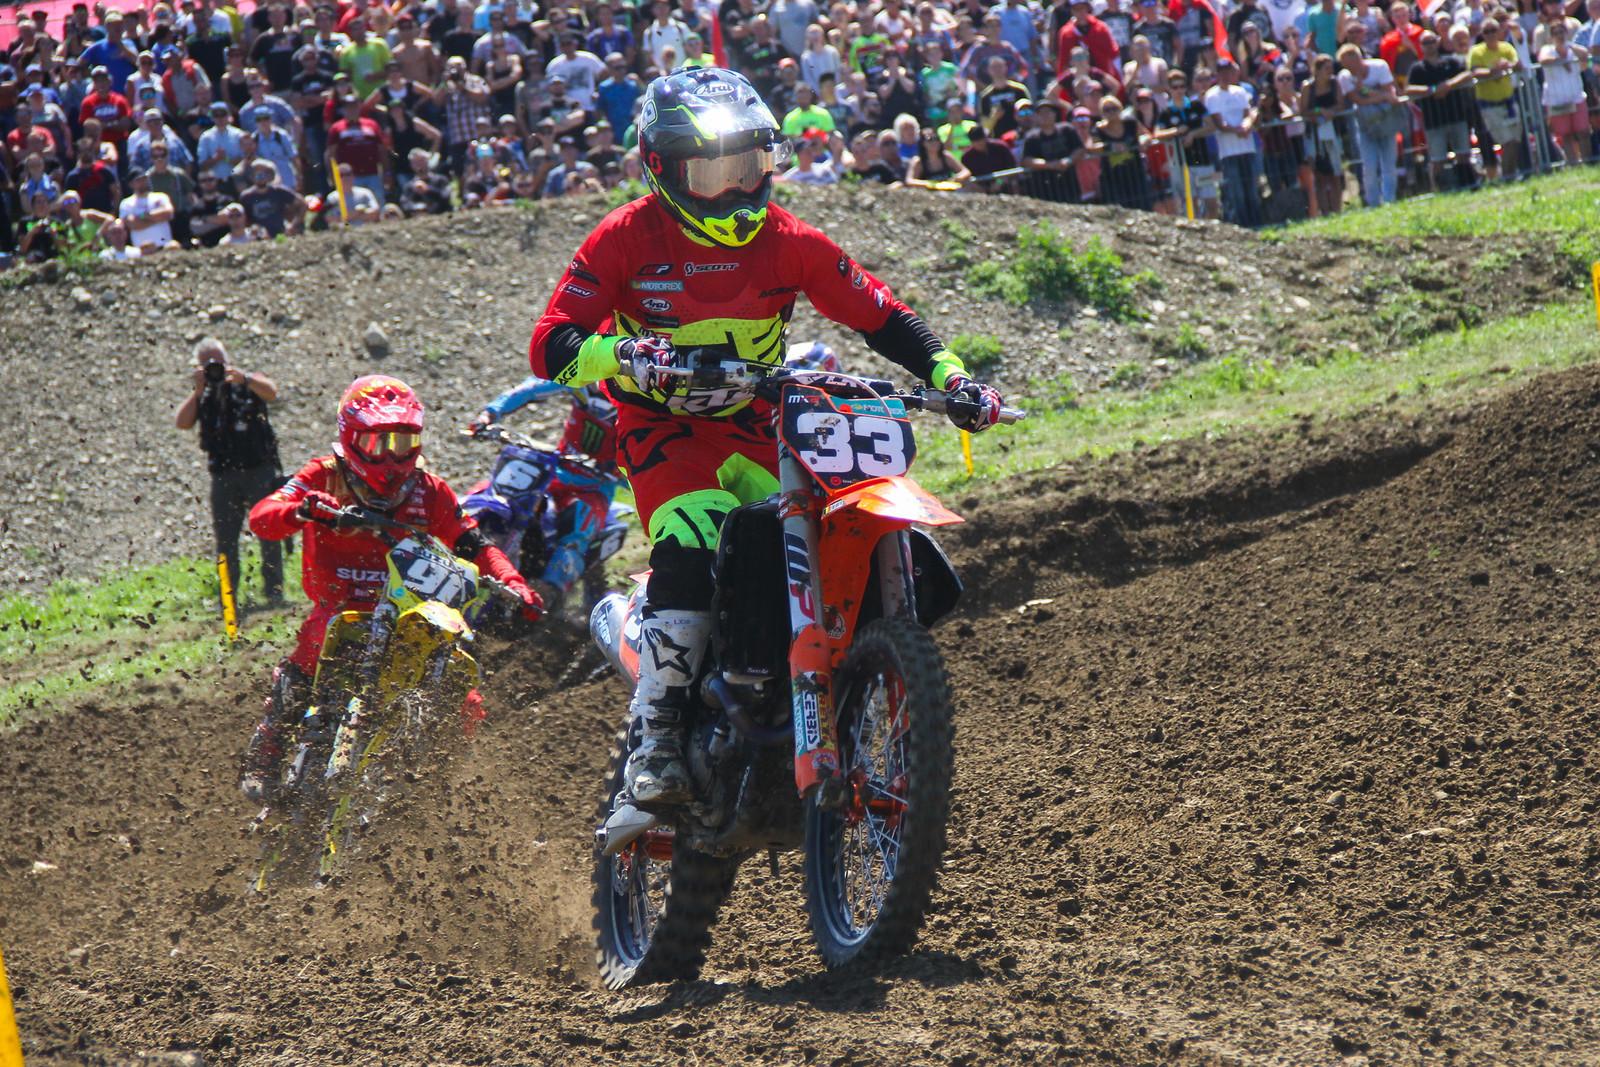 Julien Lieber - ayearinmx - Motocross Pictures - Vital MX